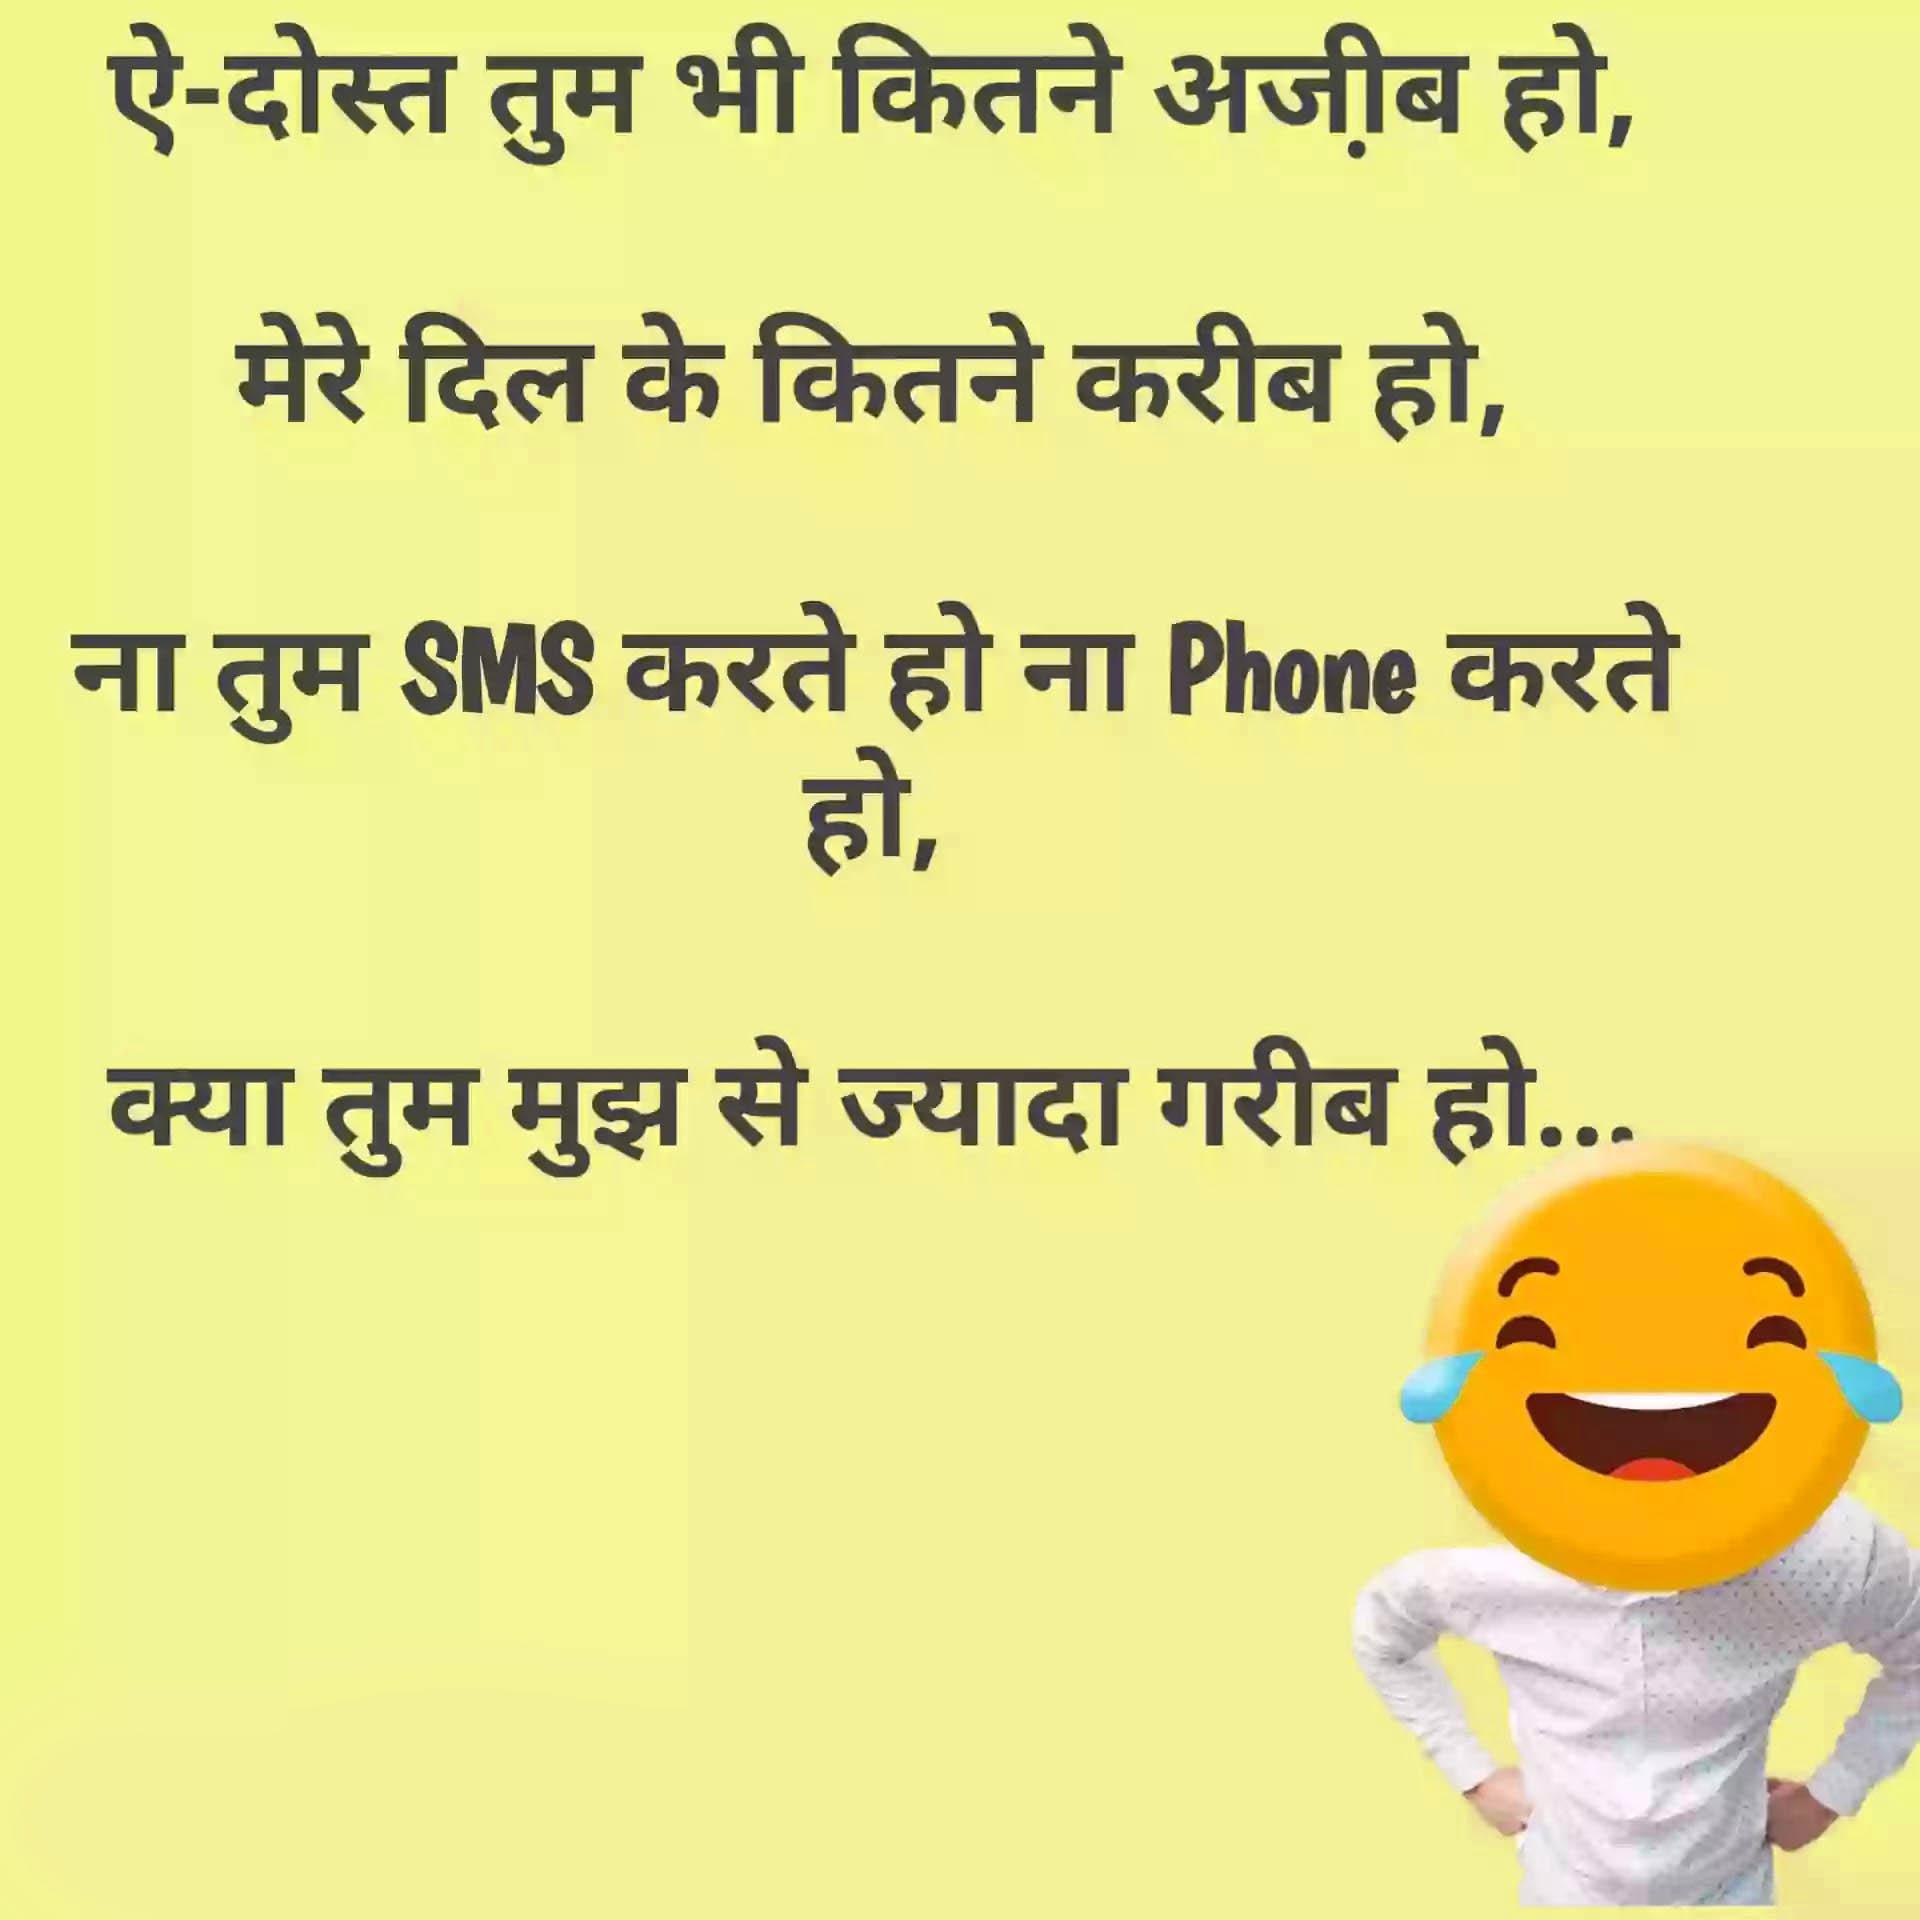 Hindi funny Shayari Pics Download